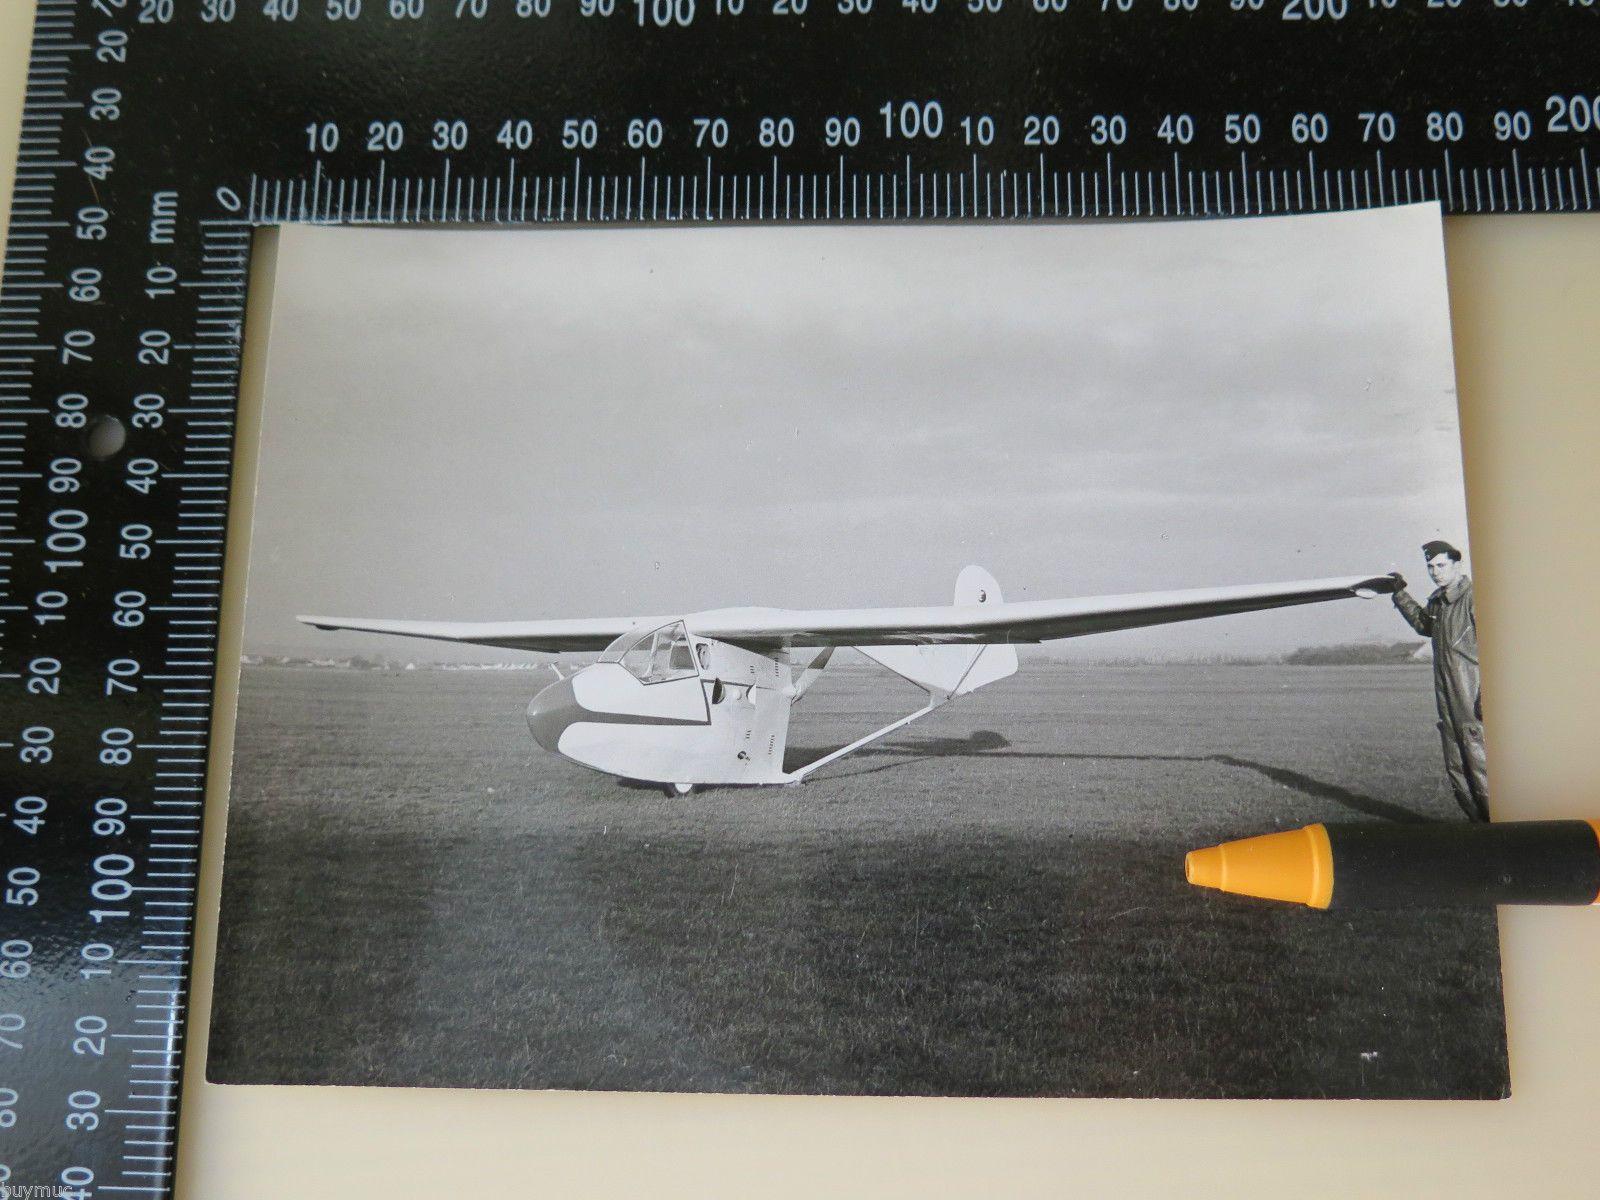 glider_DFS_07_Raab Krähe.JPG